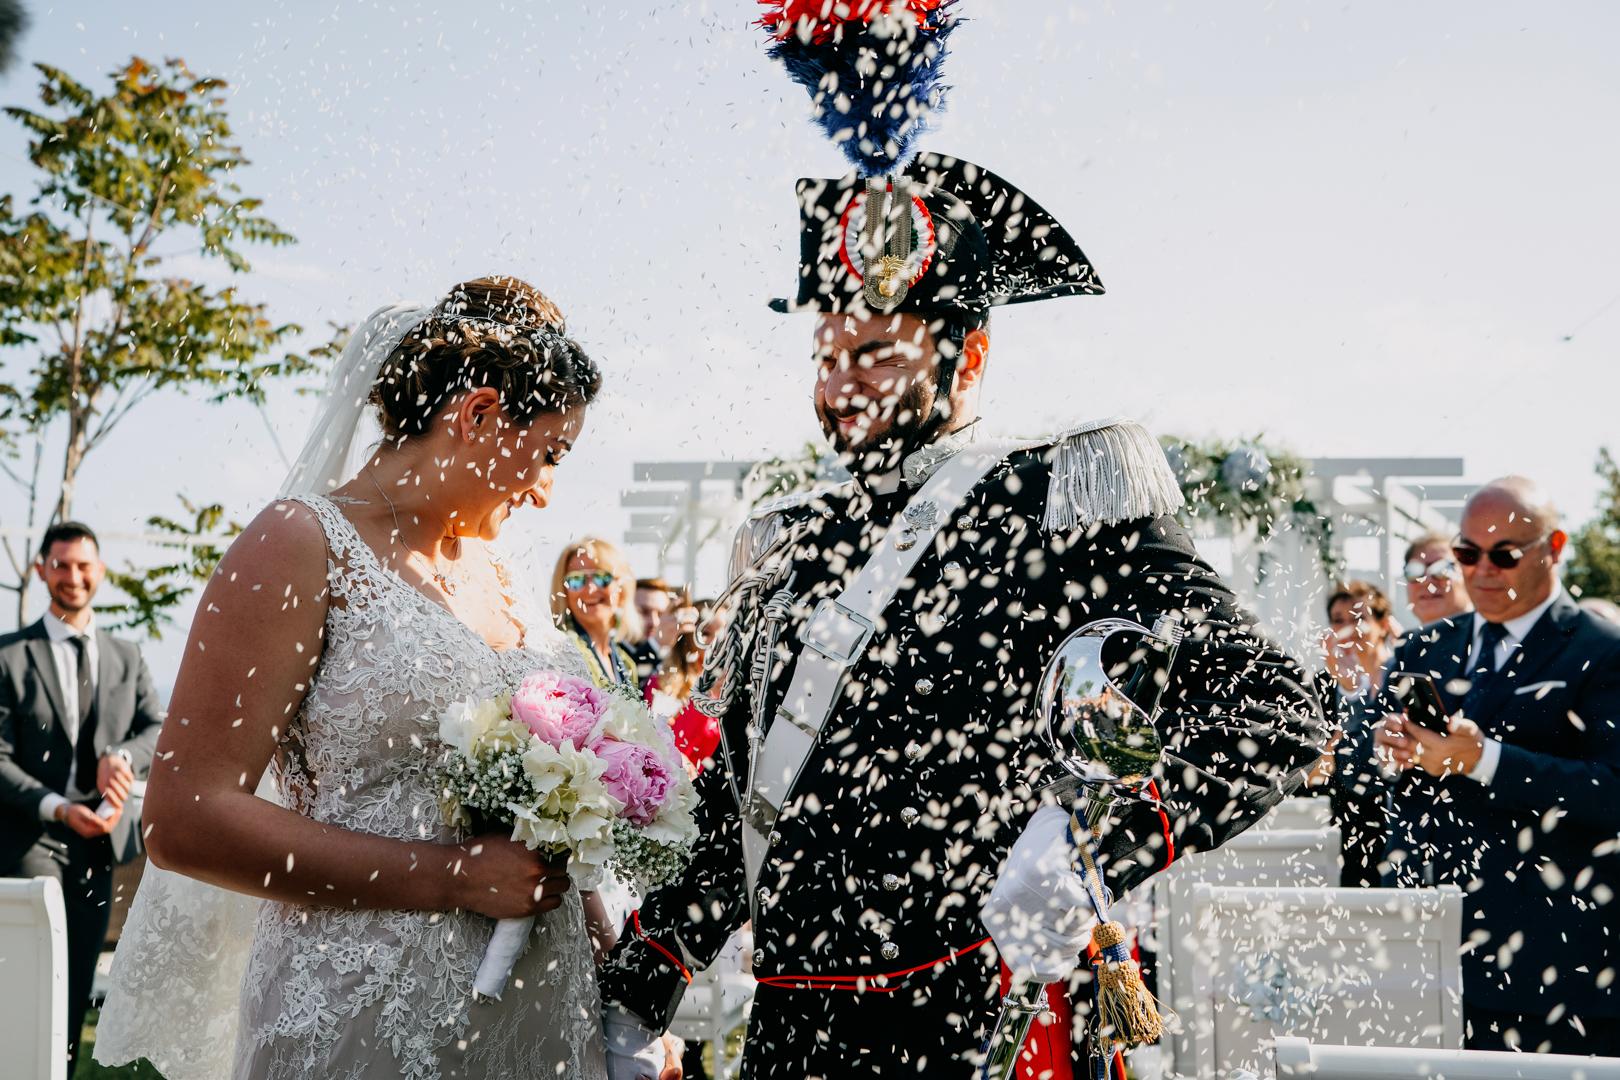 37 lancio-riso-matrimonio-mare-all'aperto-gianni-lepore-fotografo